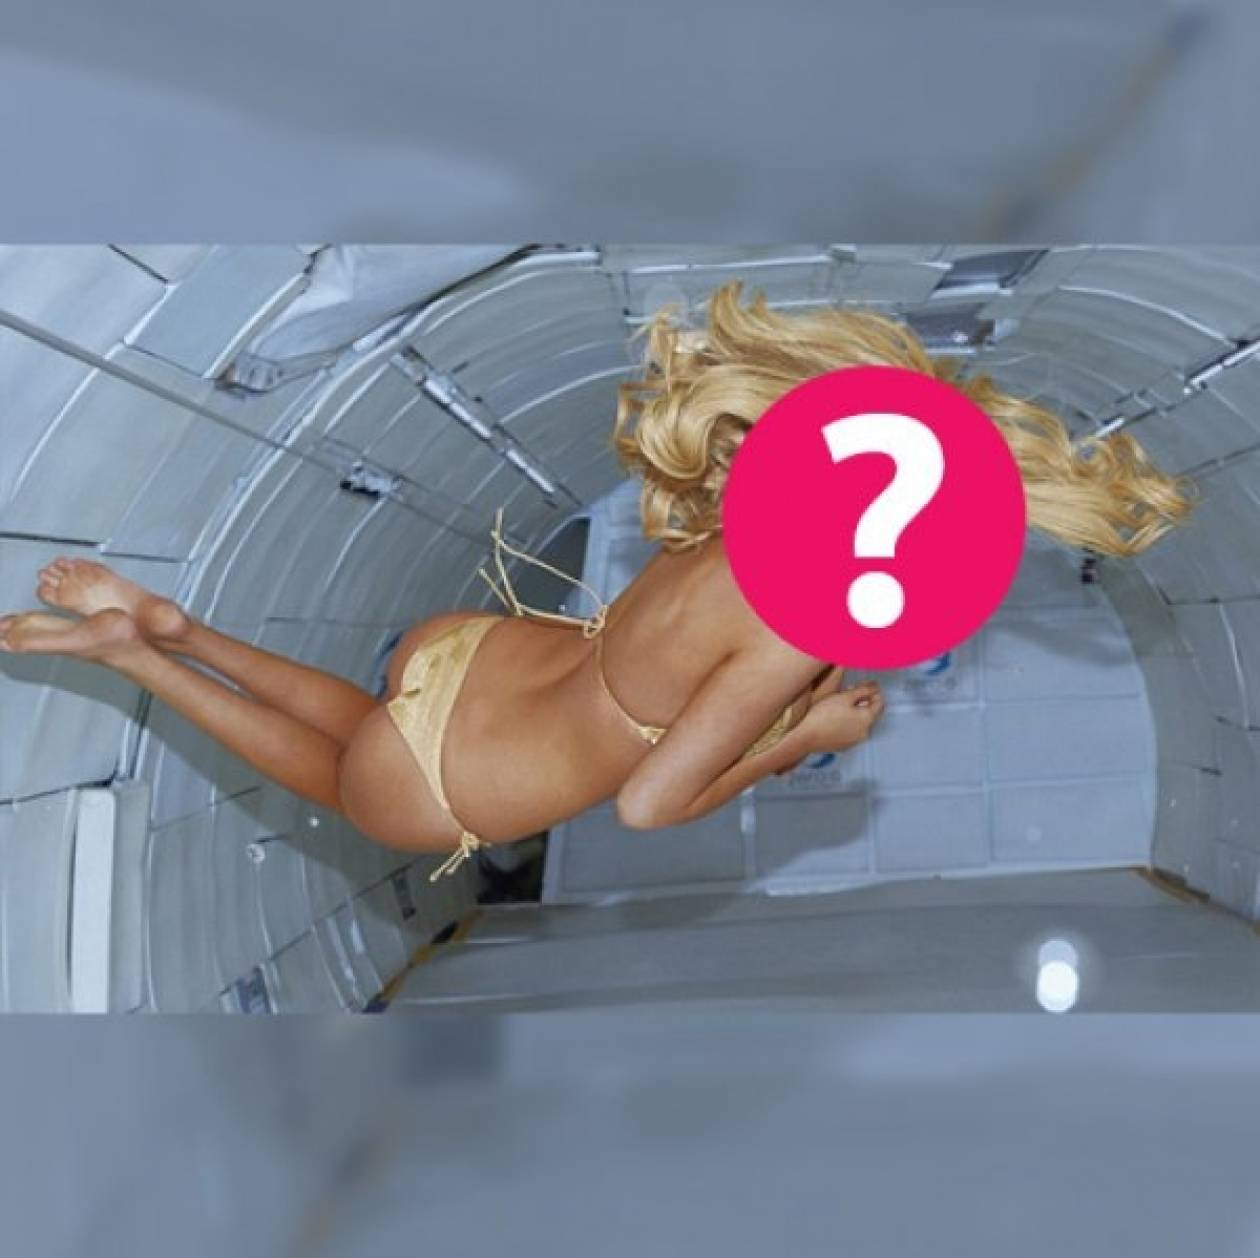 Ποια star πόζαρε μόνο με το μπικίνι της σε… μηδενική βαρύτητα;